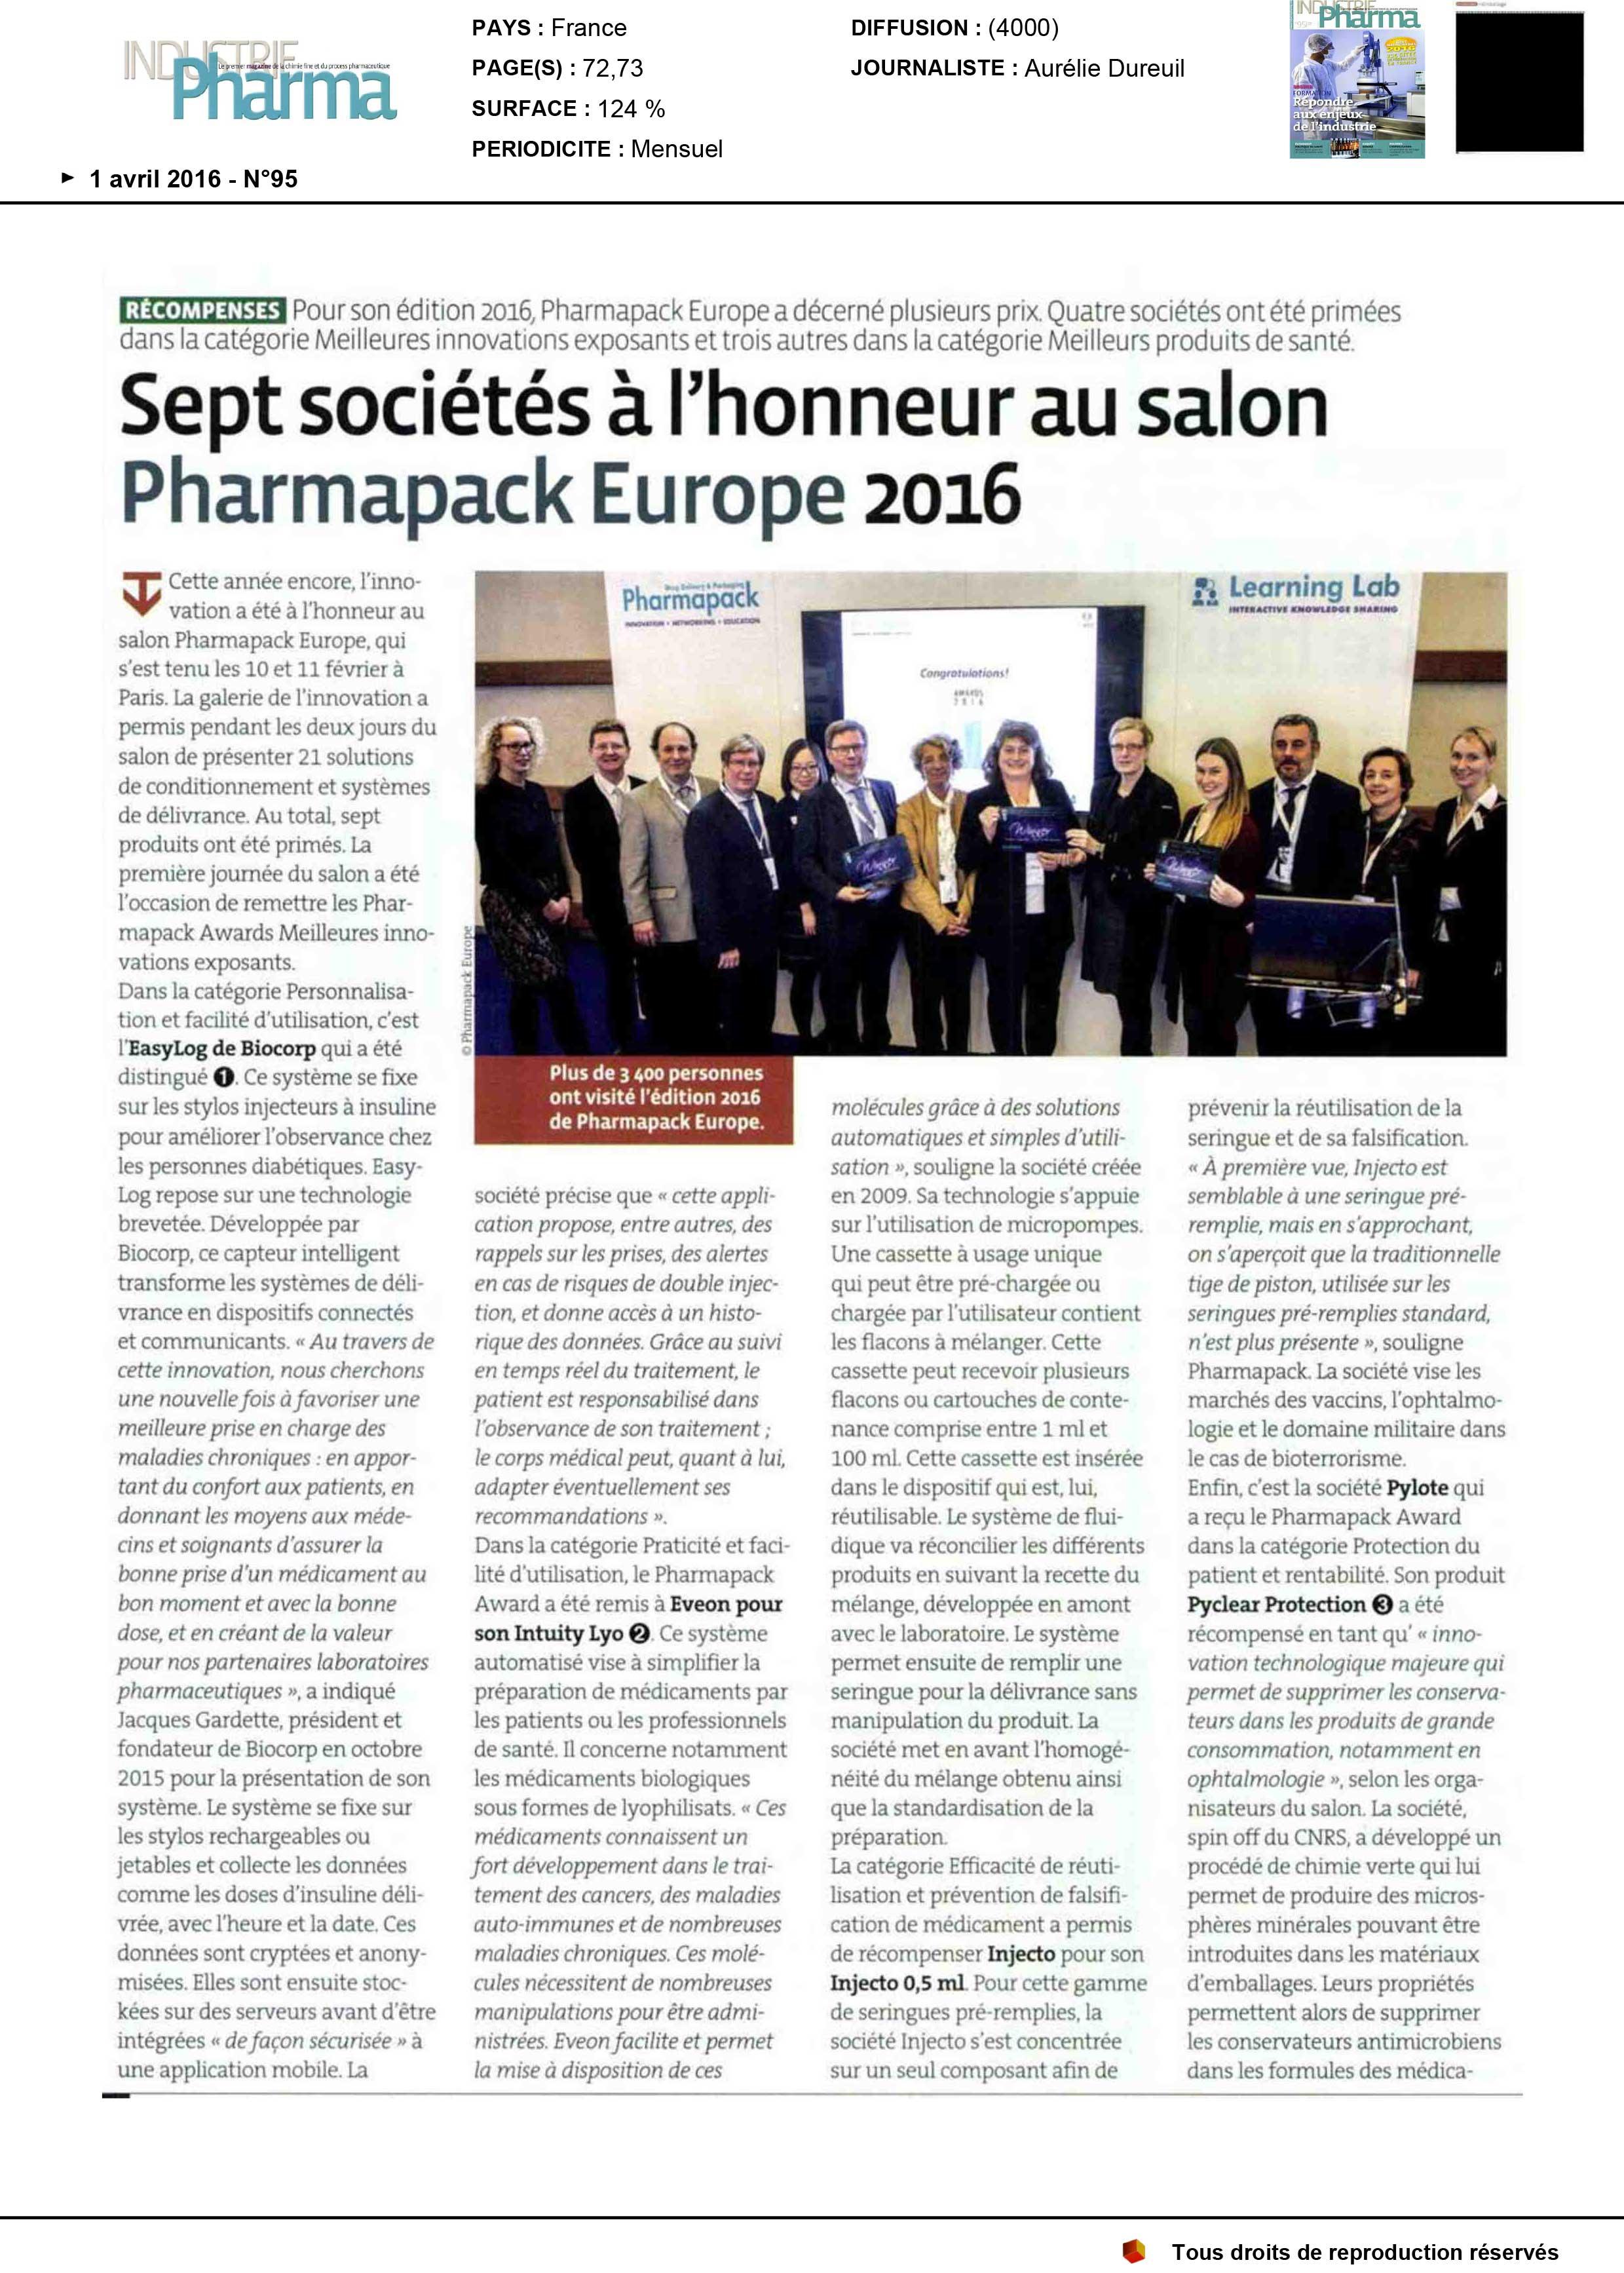 Press-Release-Industrie-Pharma_Avril-2016